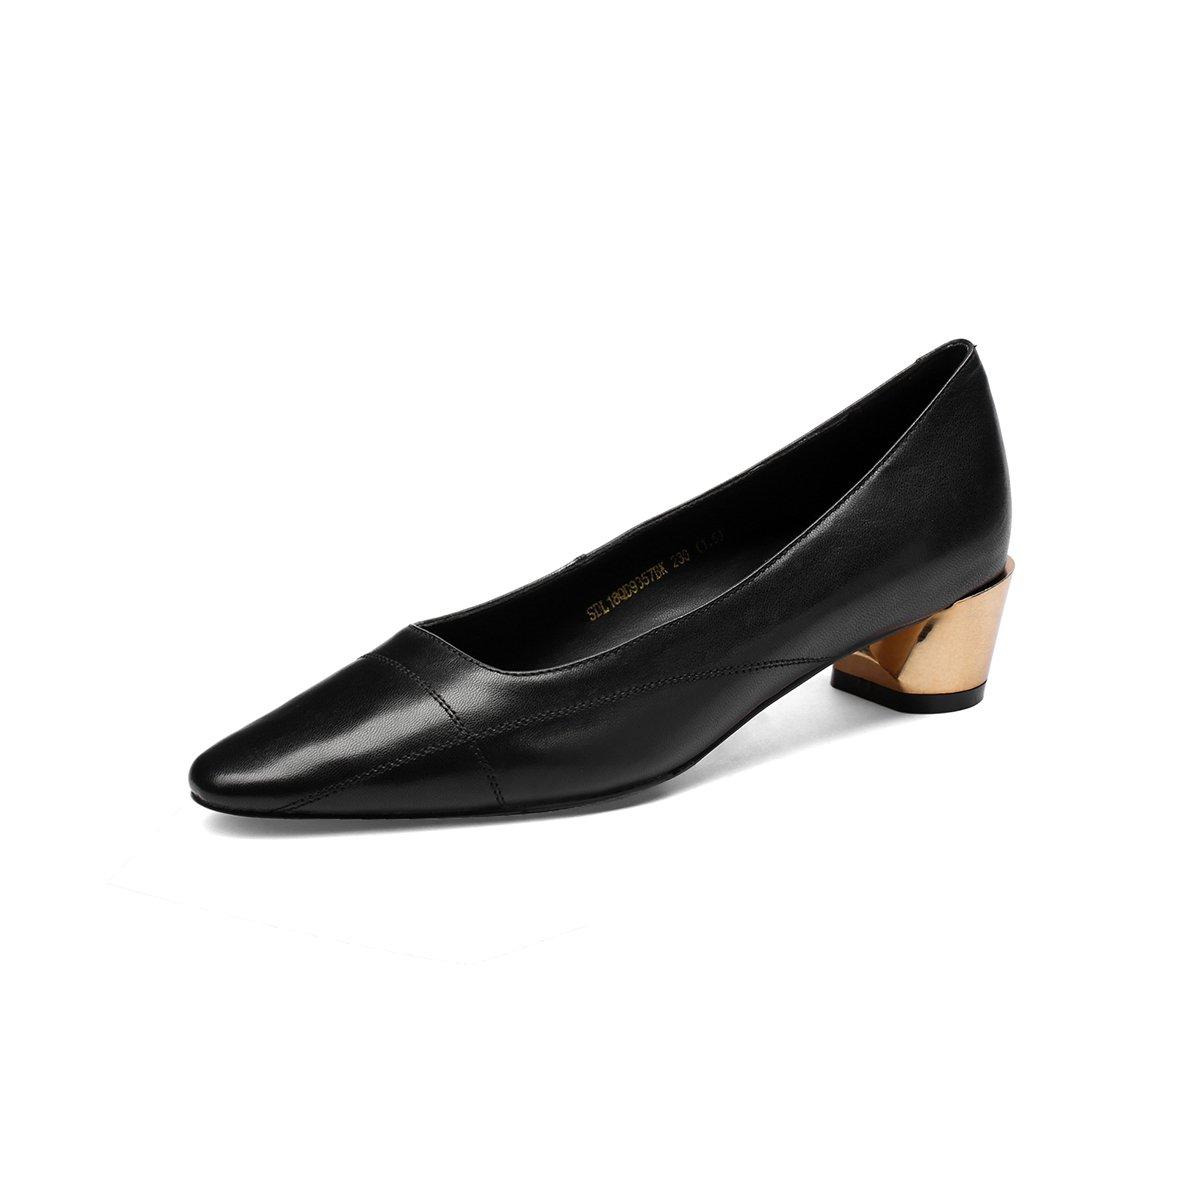 花晨月花晨月秋季新品羊皮时尚尖头金属浅口英伦女士单鞋四季鞋女SDL18QD9357BK